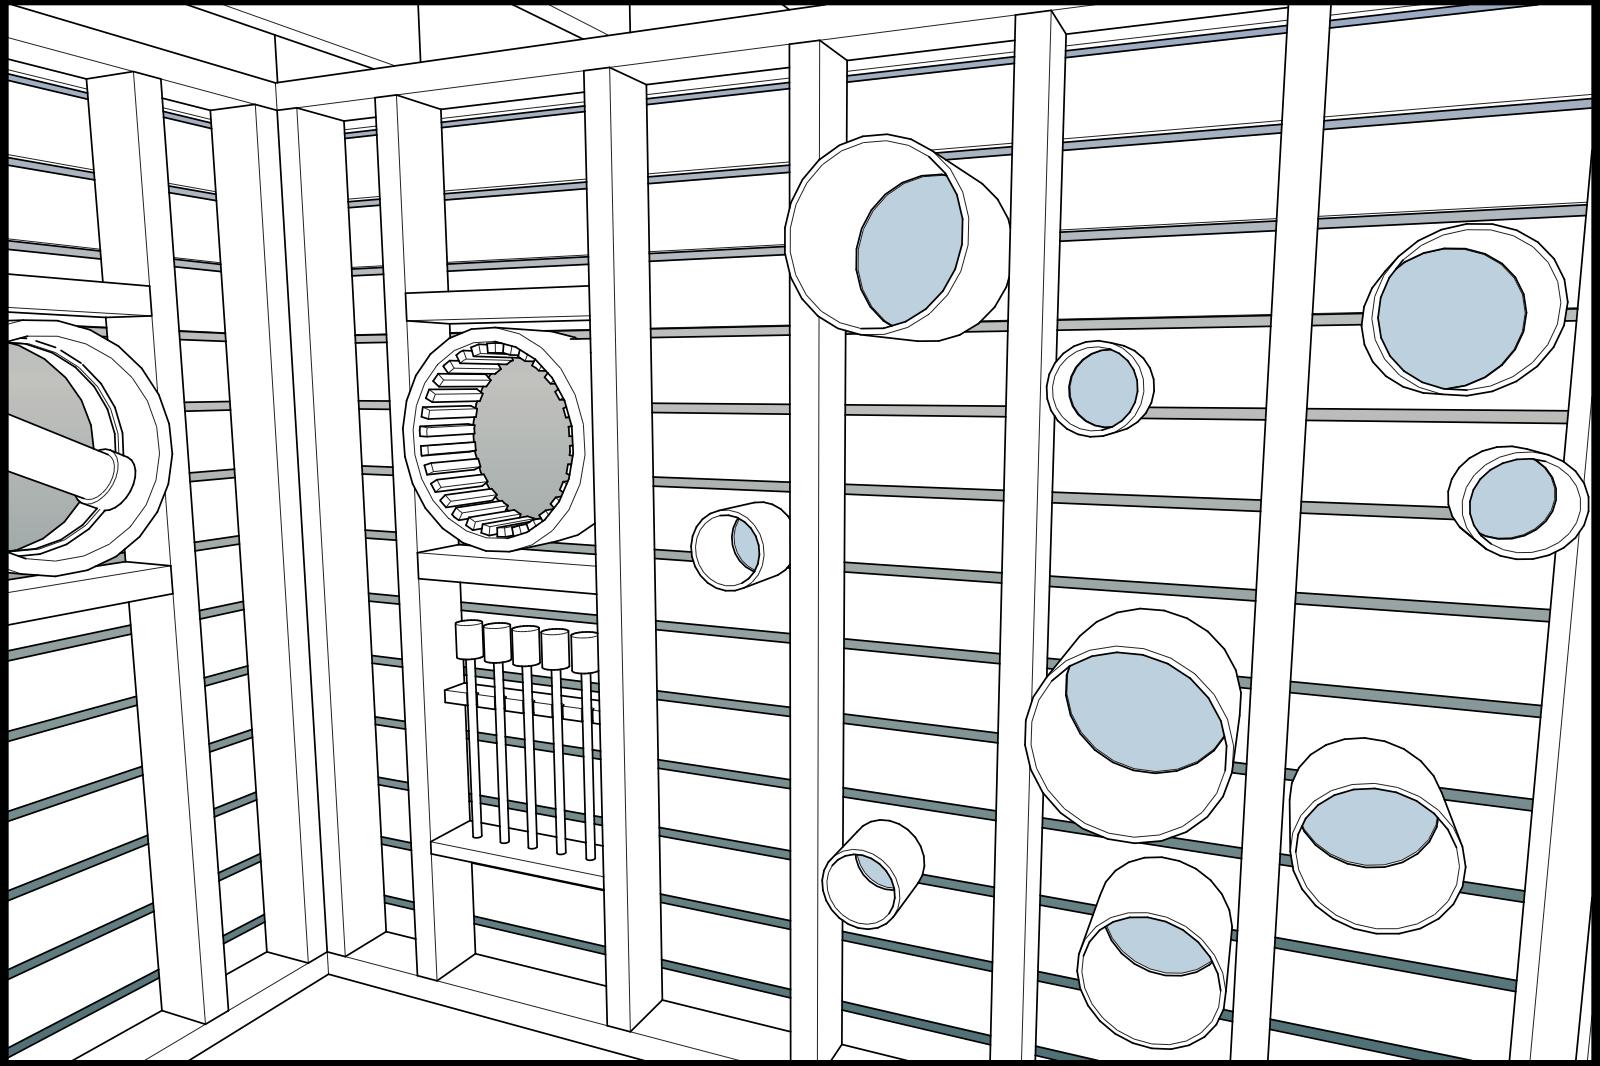 Photo Credits: Boy at Xylophone by DallasCASA / Screenshots of 3D Model by SketchUp